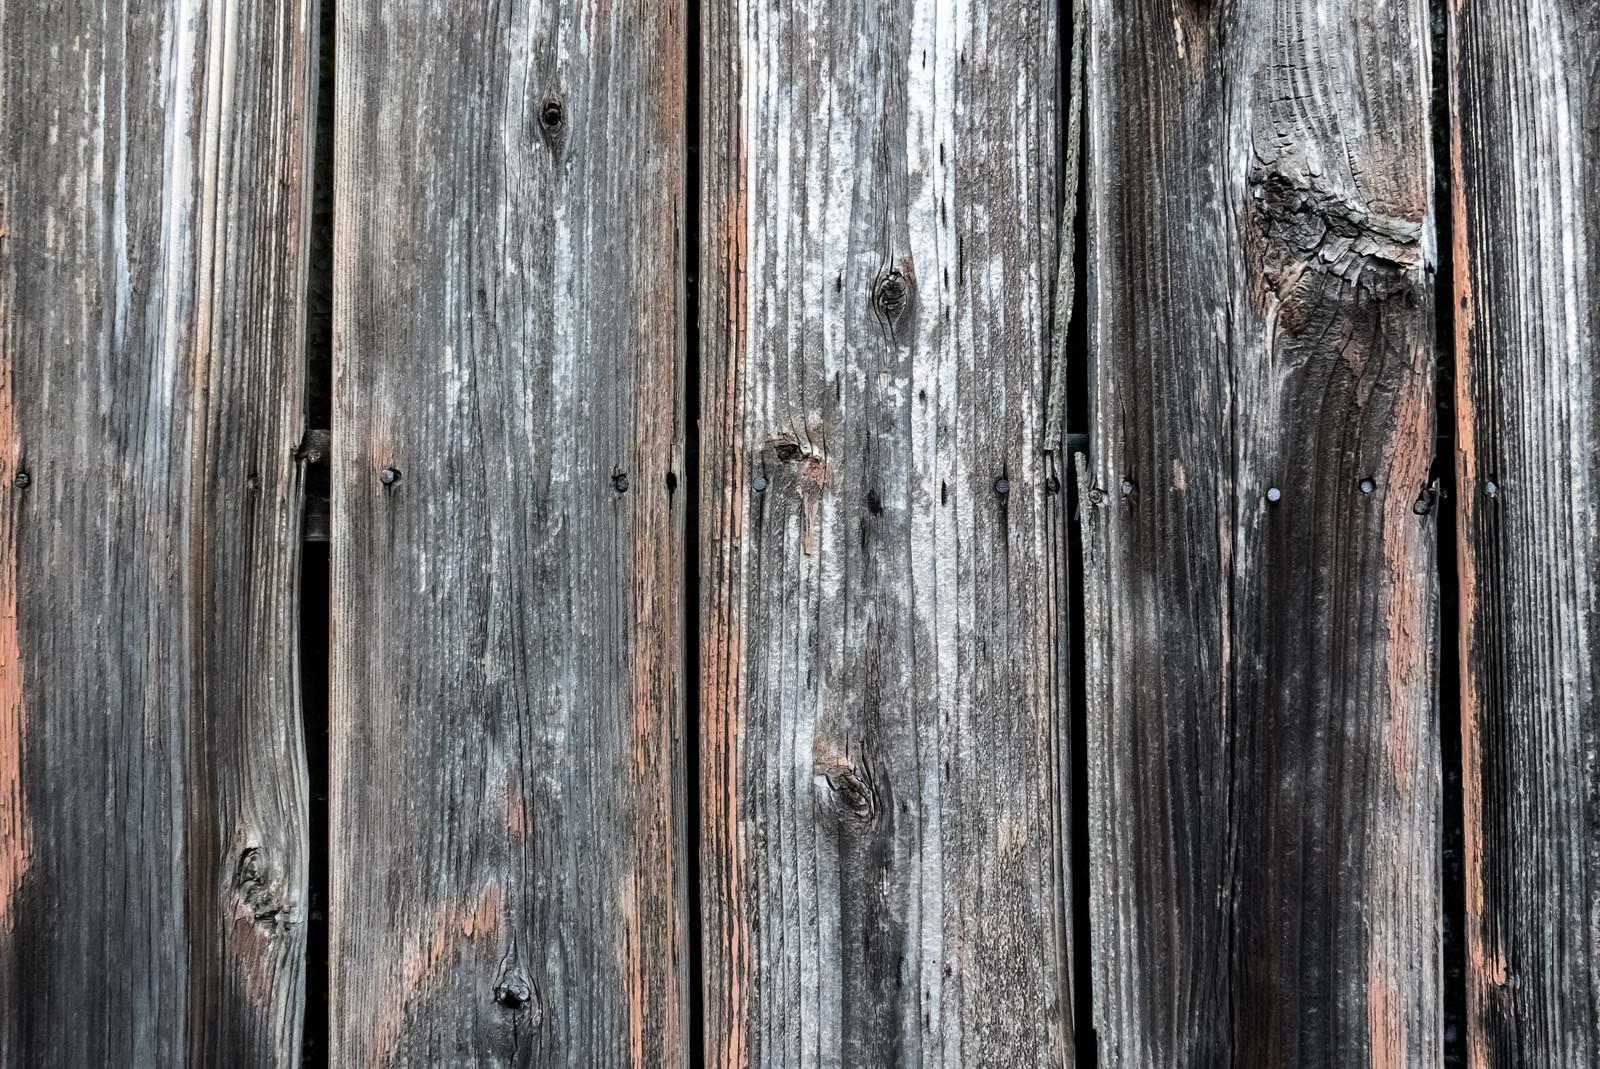 「釘が打ち込まれた木の柵釘が打ち込まれた木の柵」のフリー写真素材を拡大